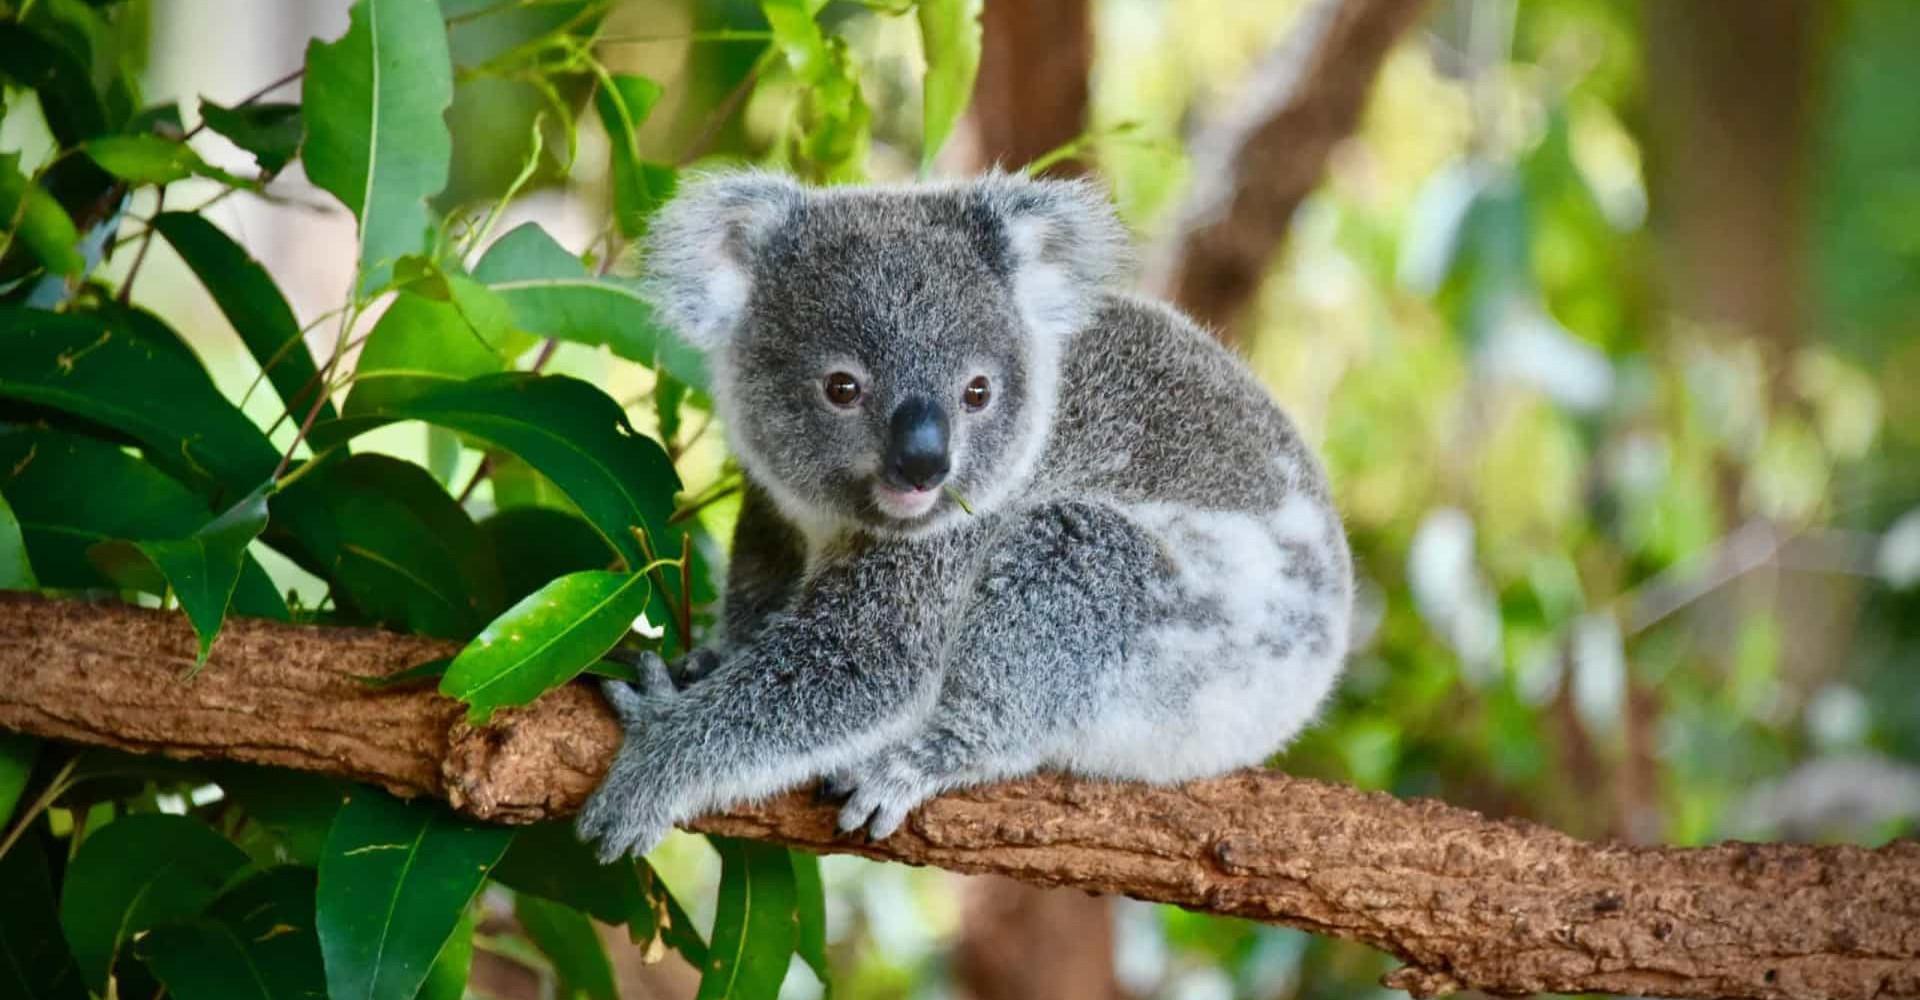 Ces animaux sont plus que jamais menacés d'extinction